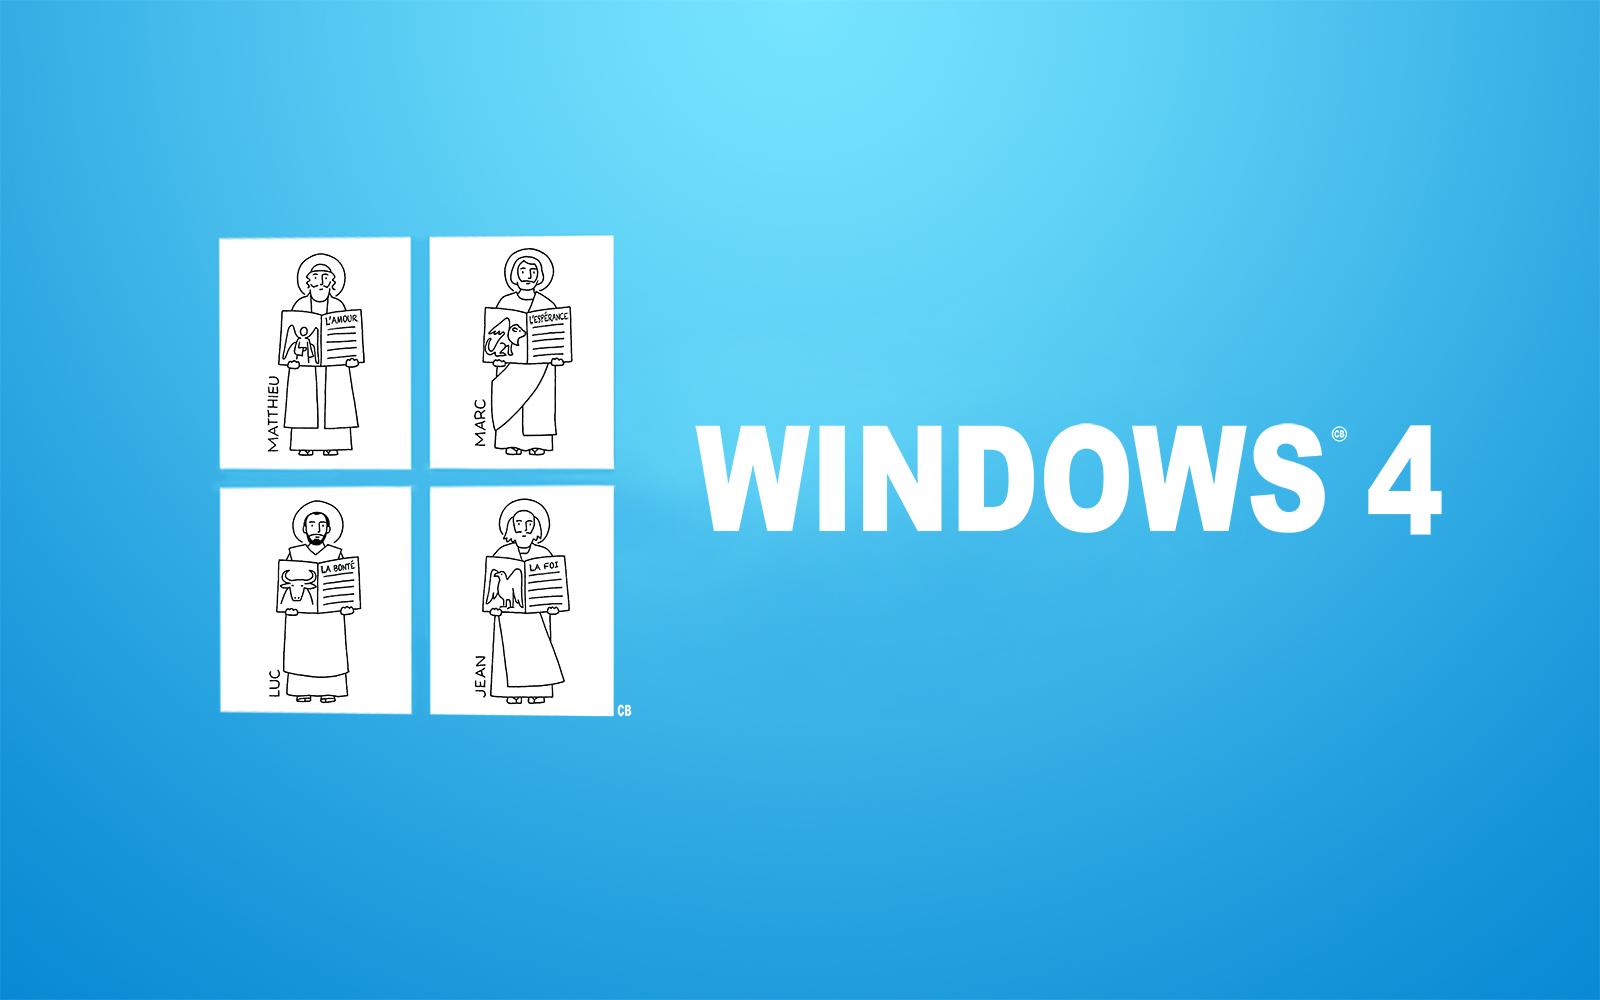 WINDOWS 4